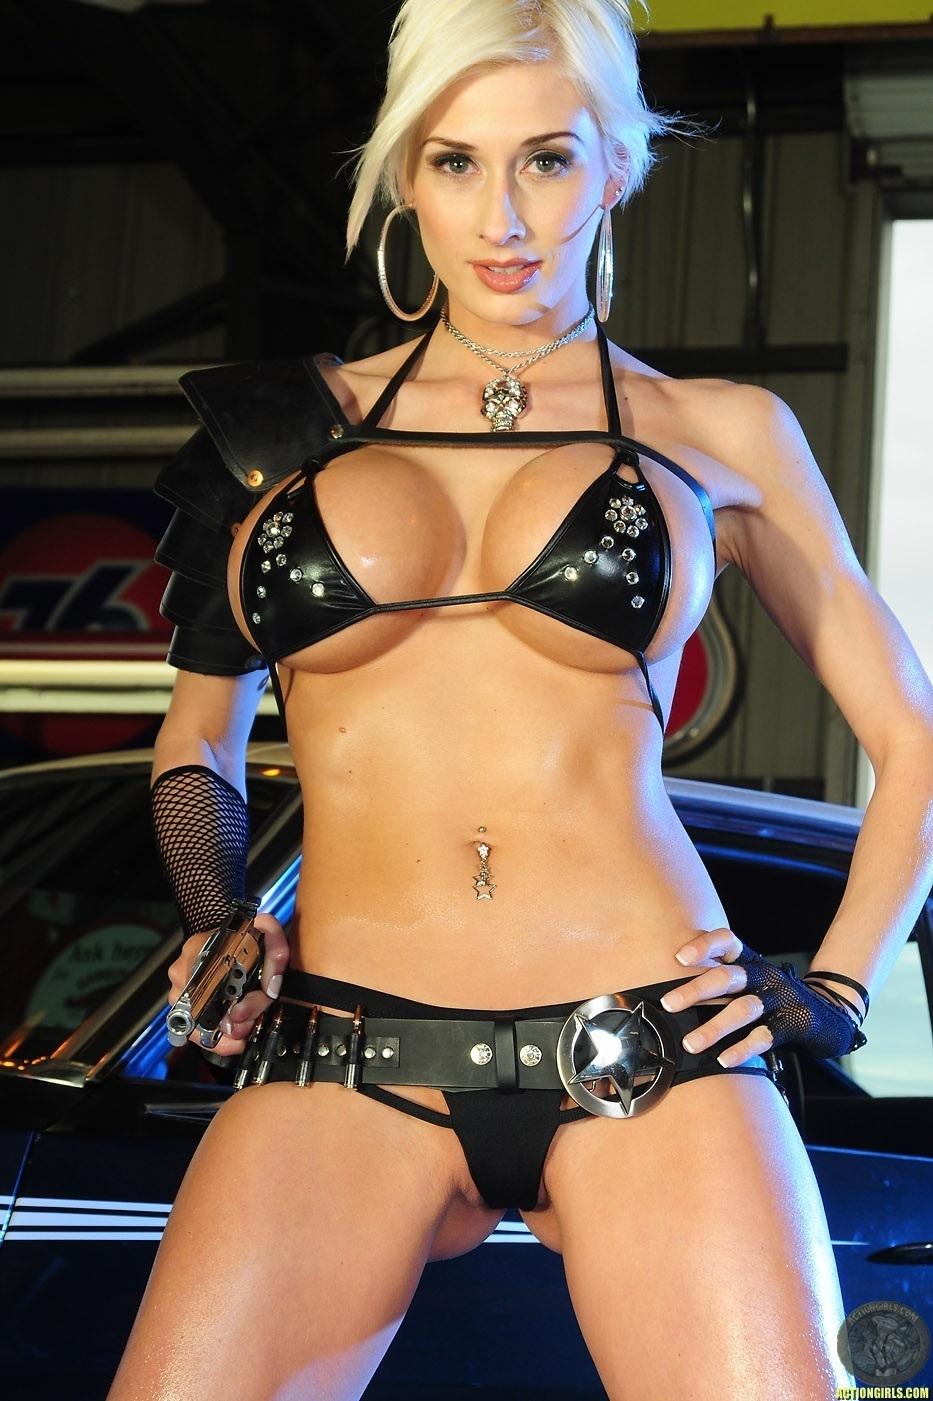 Порно фото больших членов, смотреть фотографии хуев  X-Girlz.com